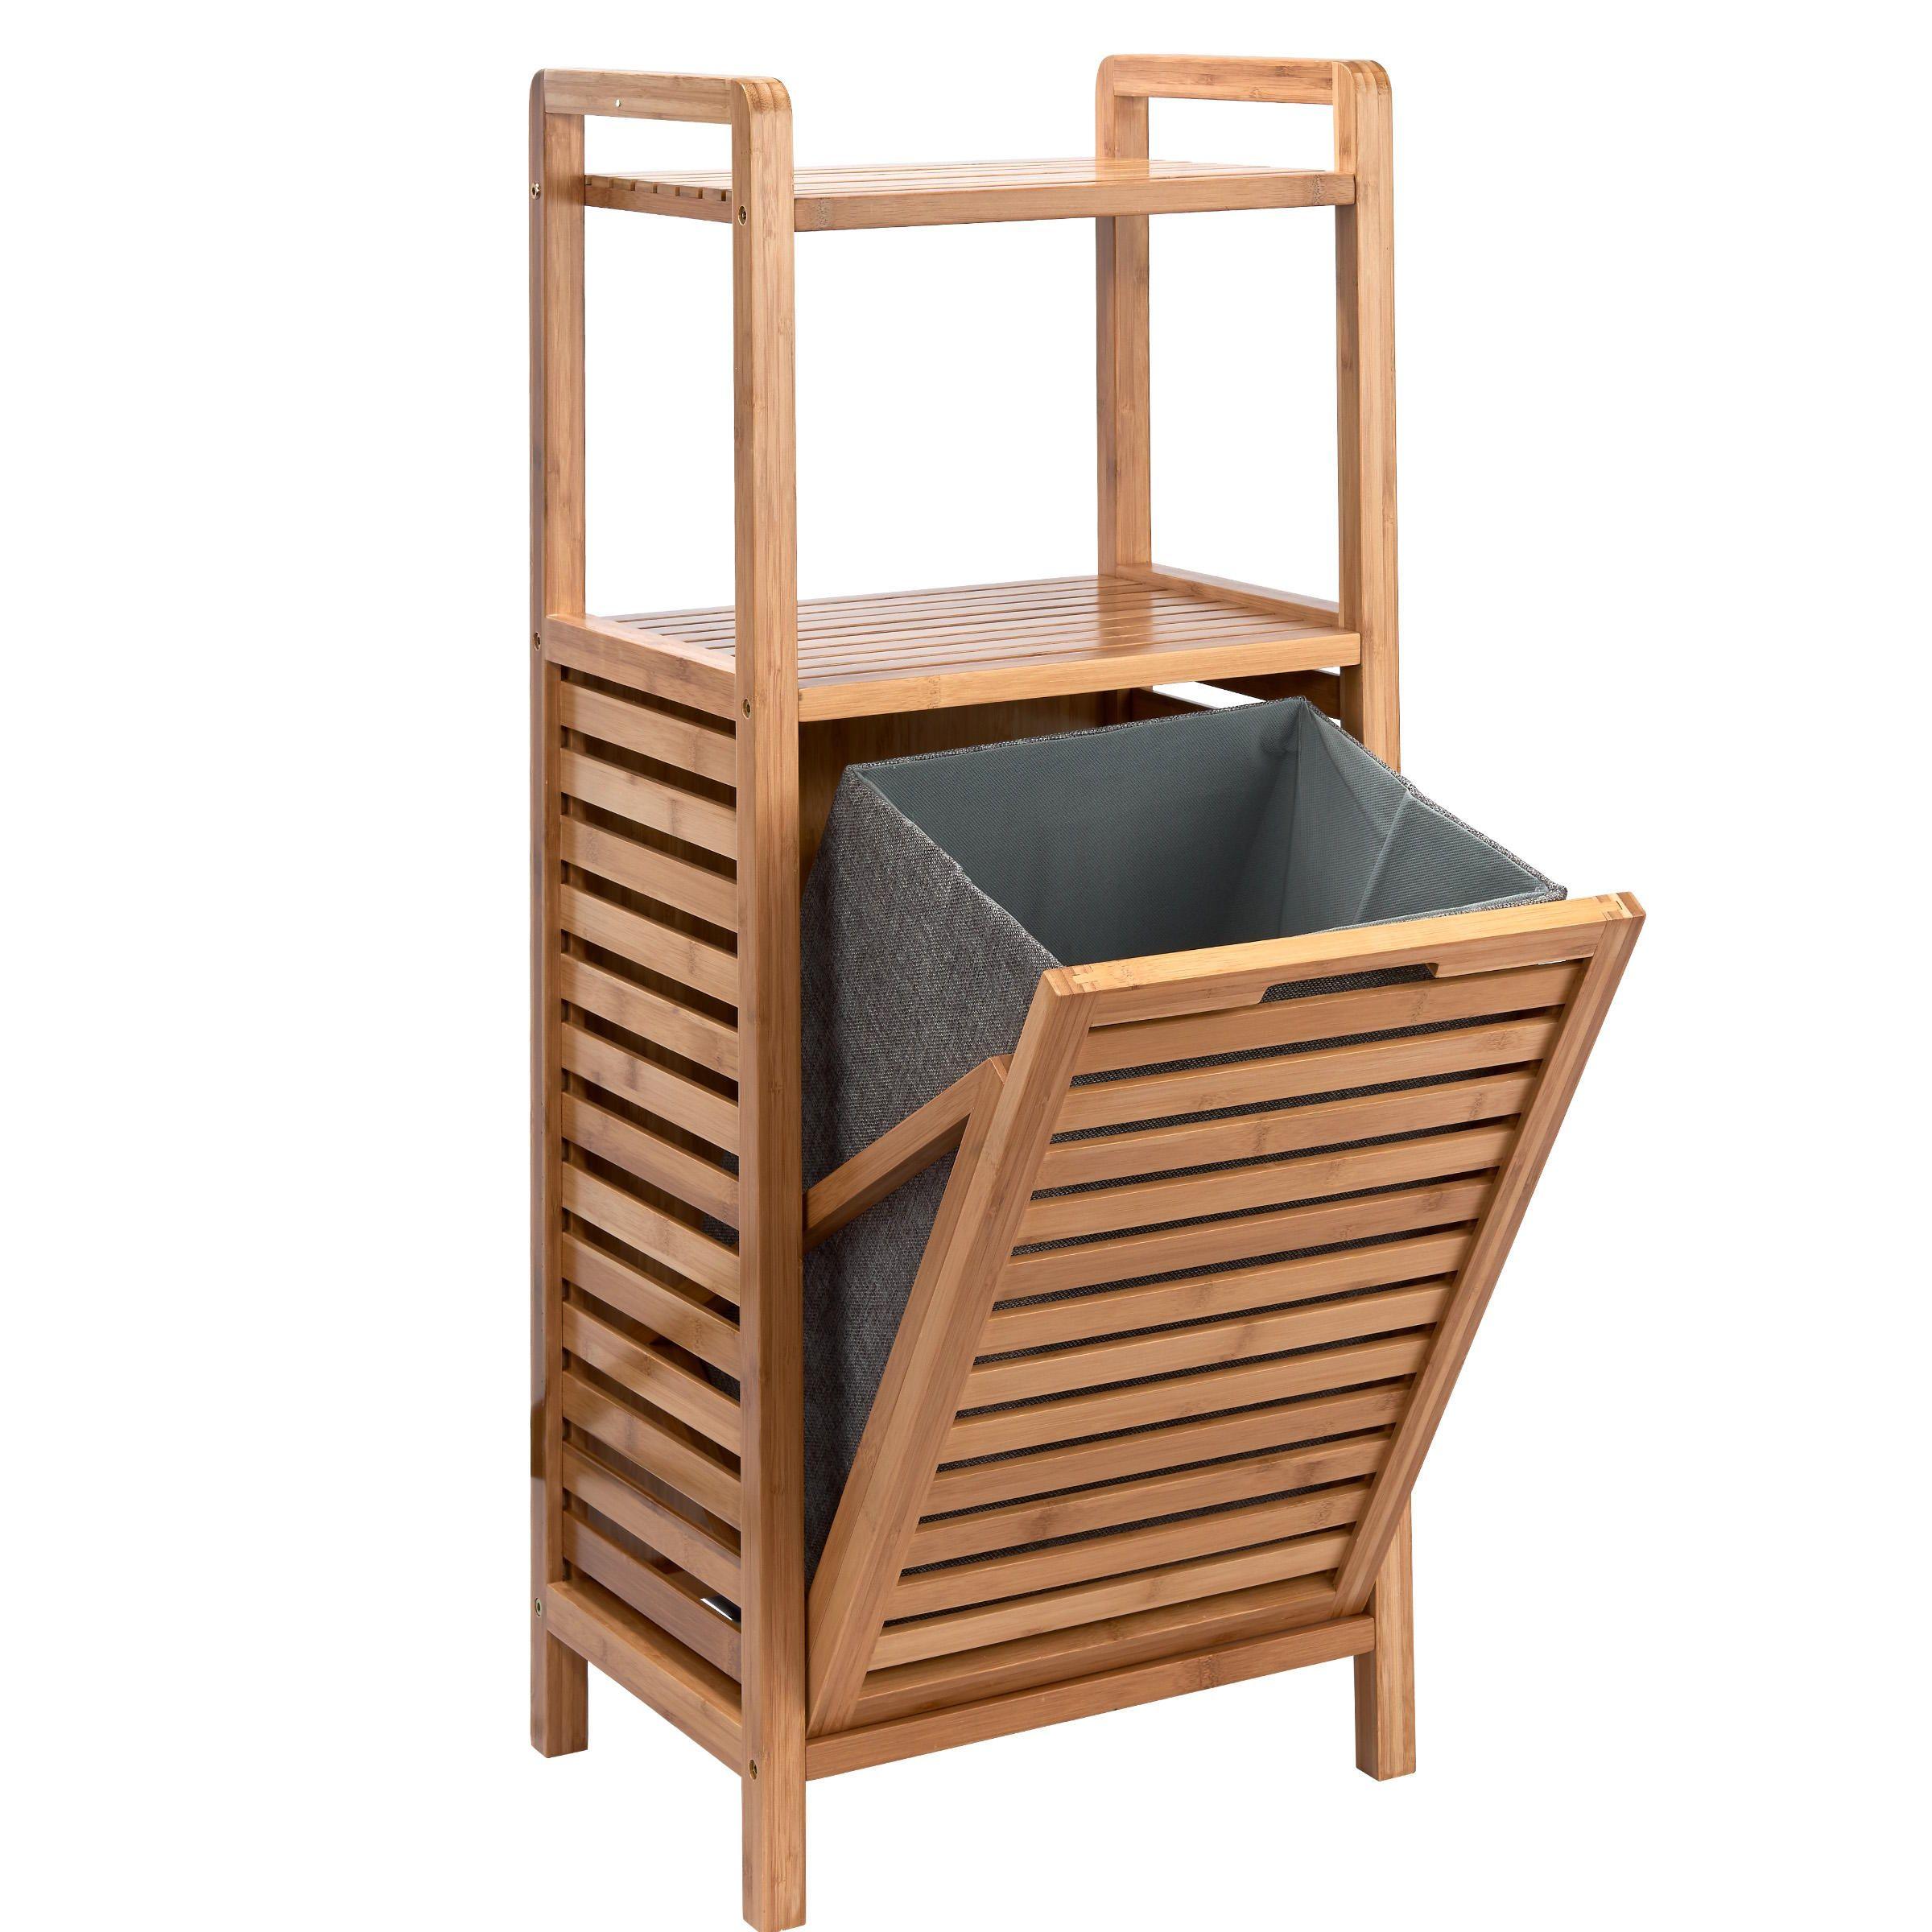 Big Bamboo Regal Mit Waschekorb Waschekorb Regal Und Bambus Regal